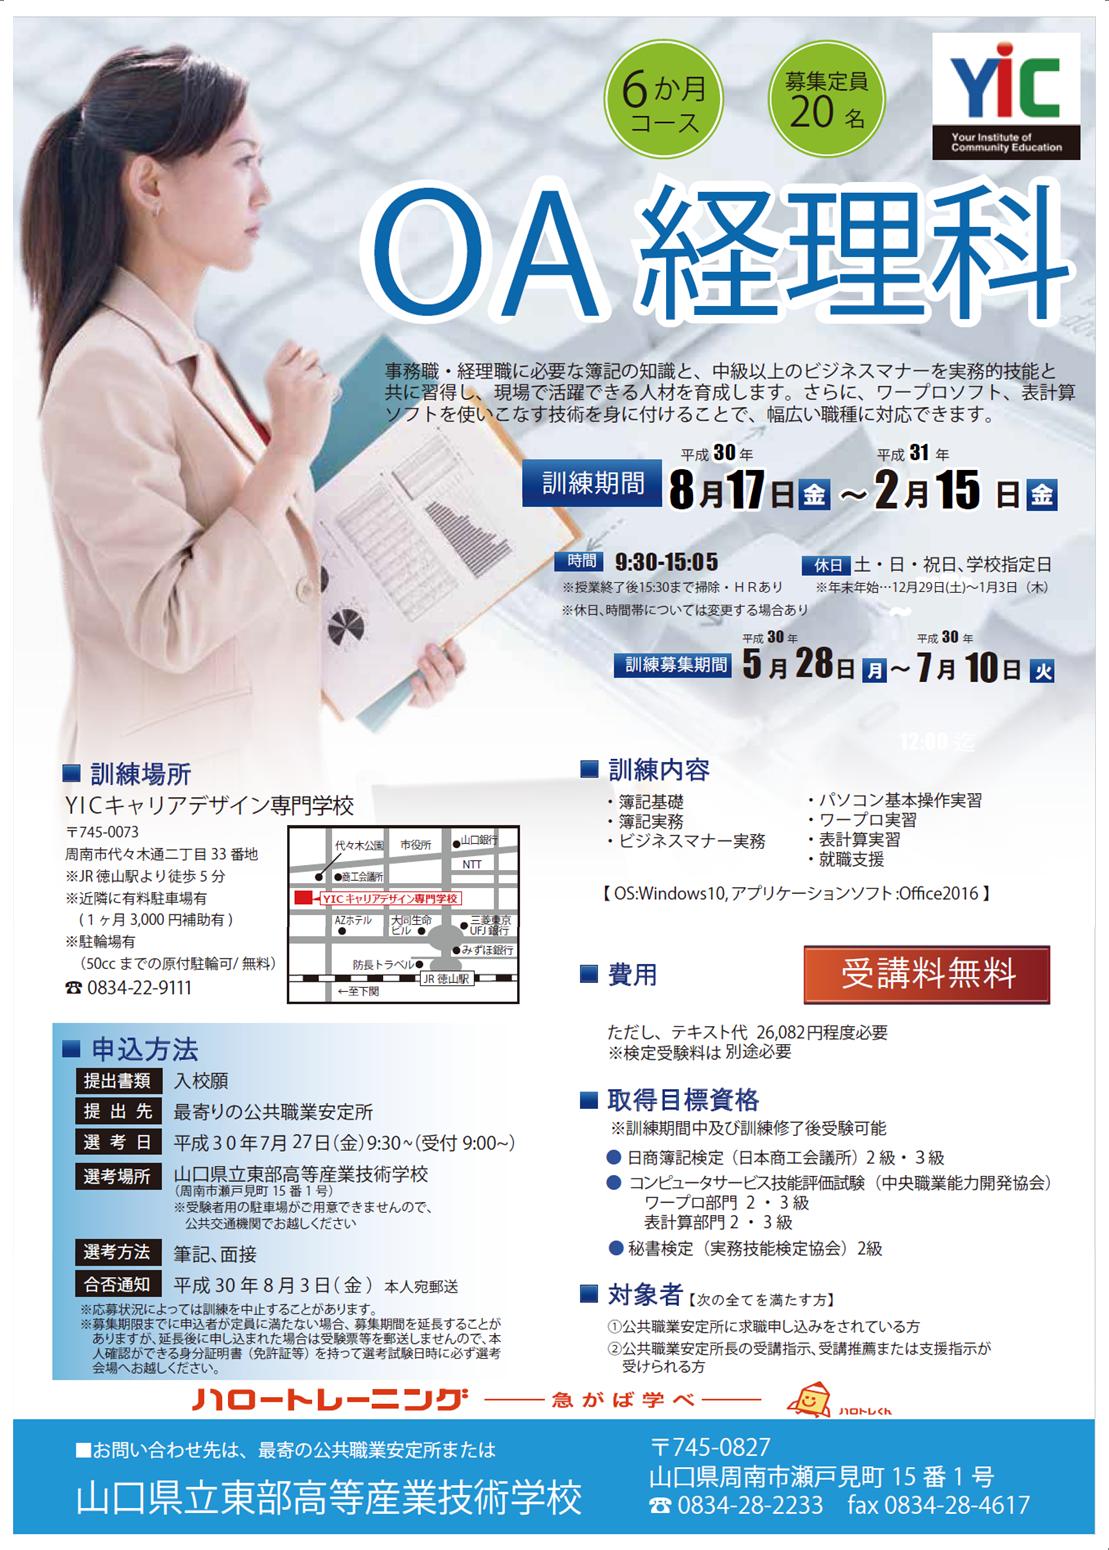 【6・7月募集】OA経理科